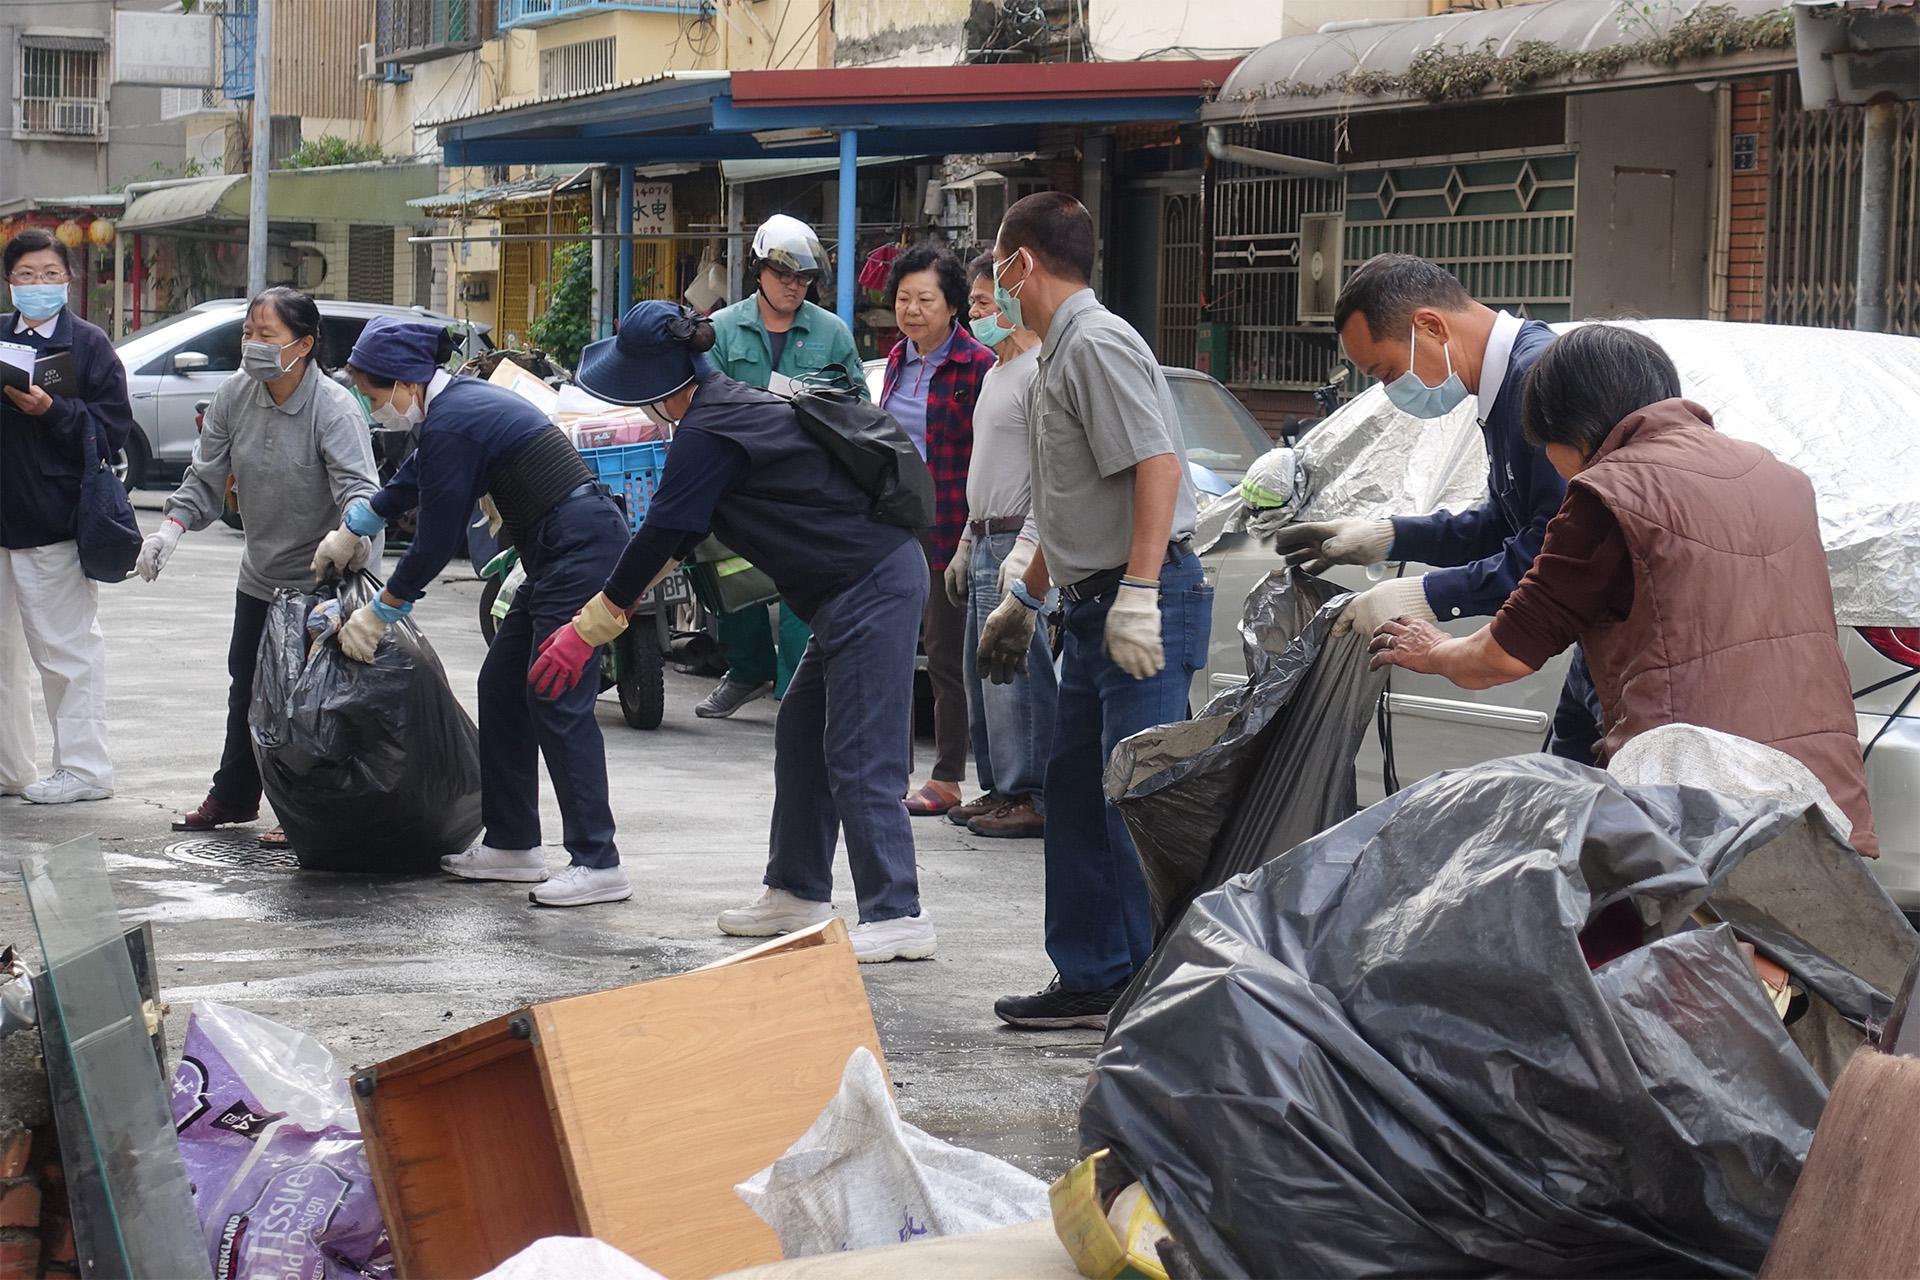 志工一手接一手,將其他小件家具、裝袋後的物品用人龍方式從樓上接到樓下。